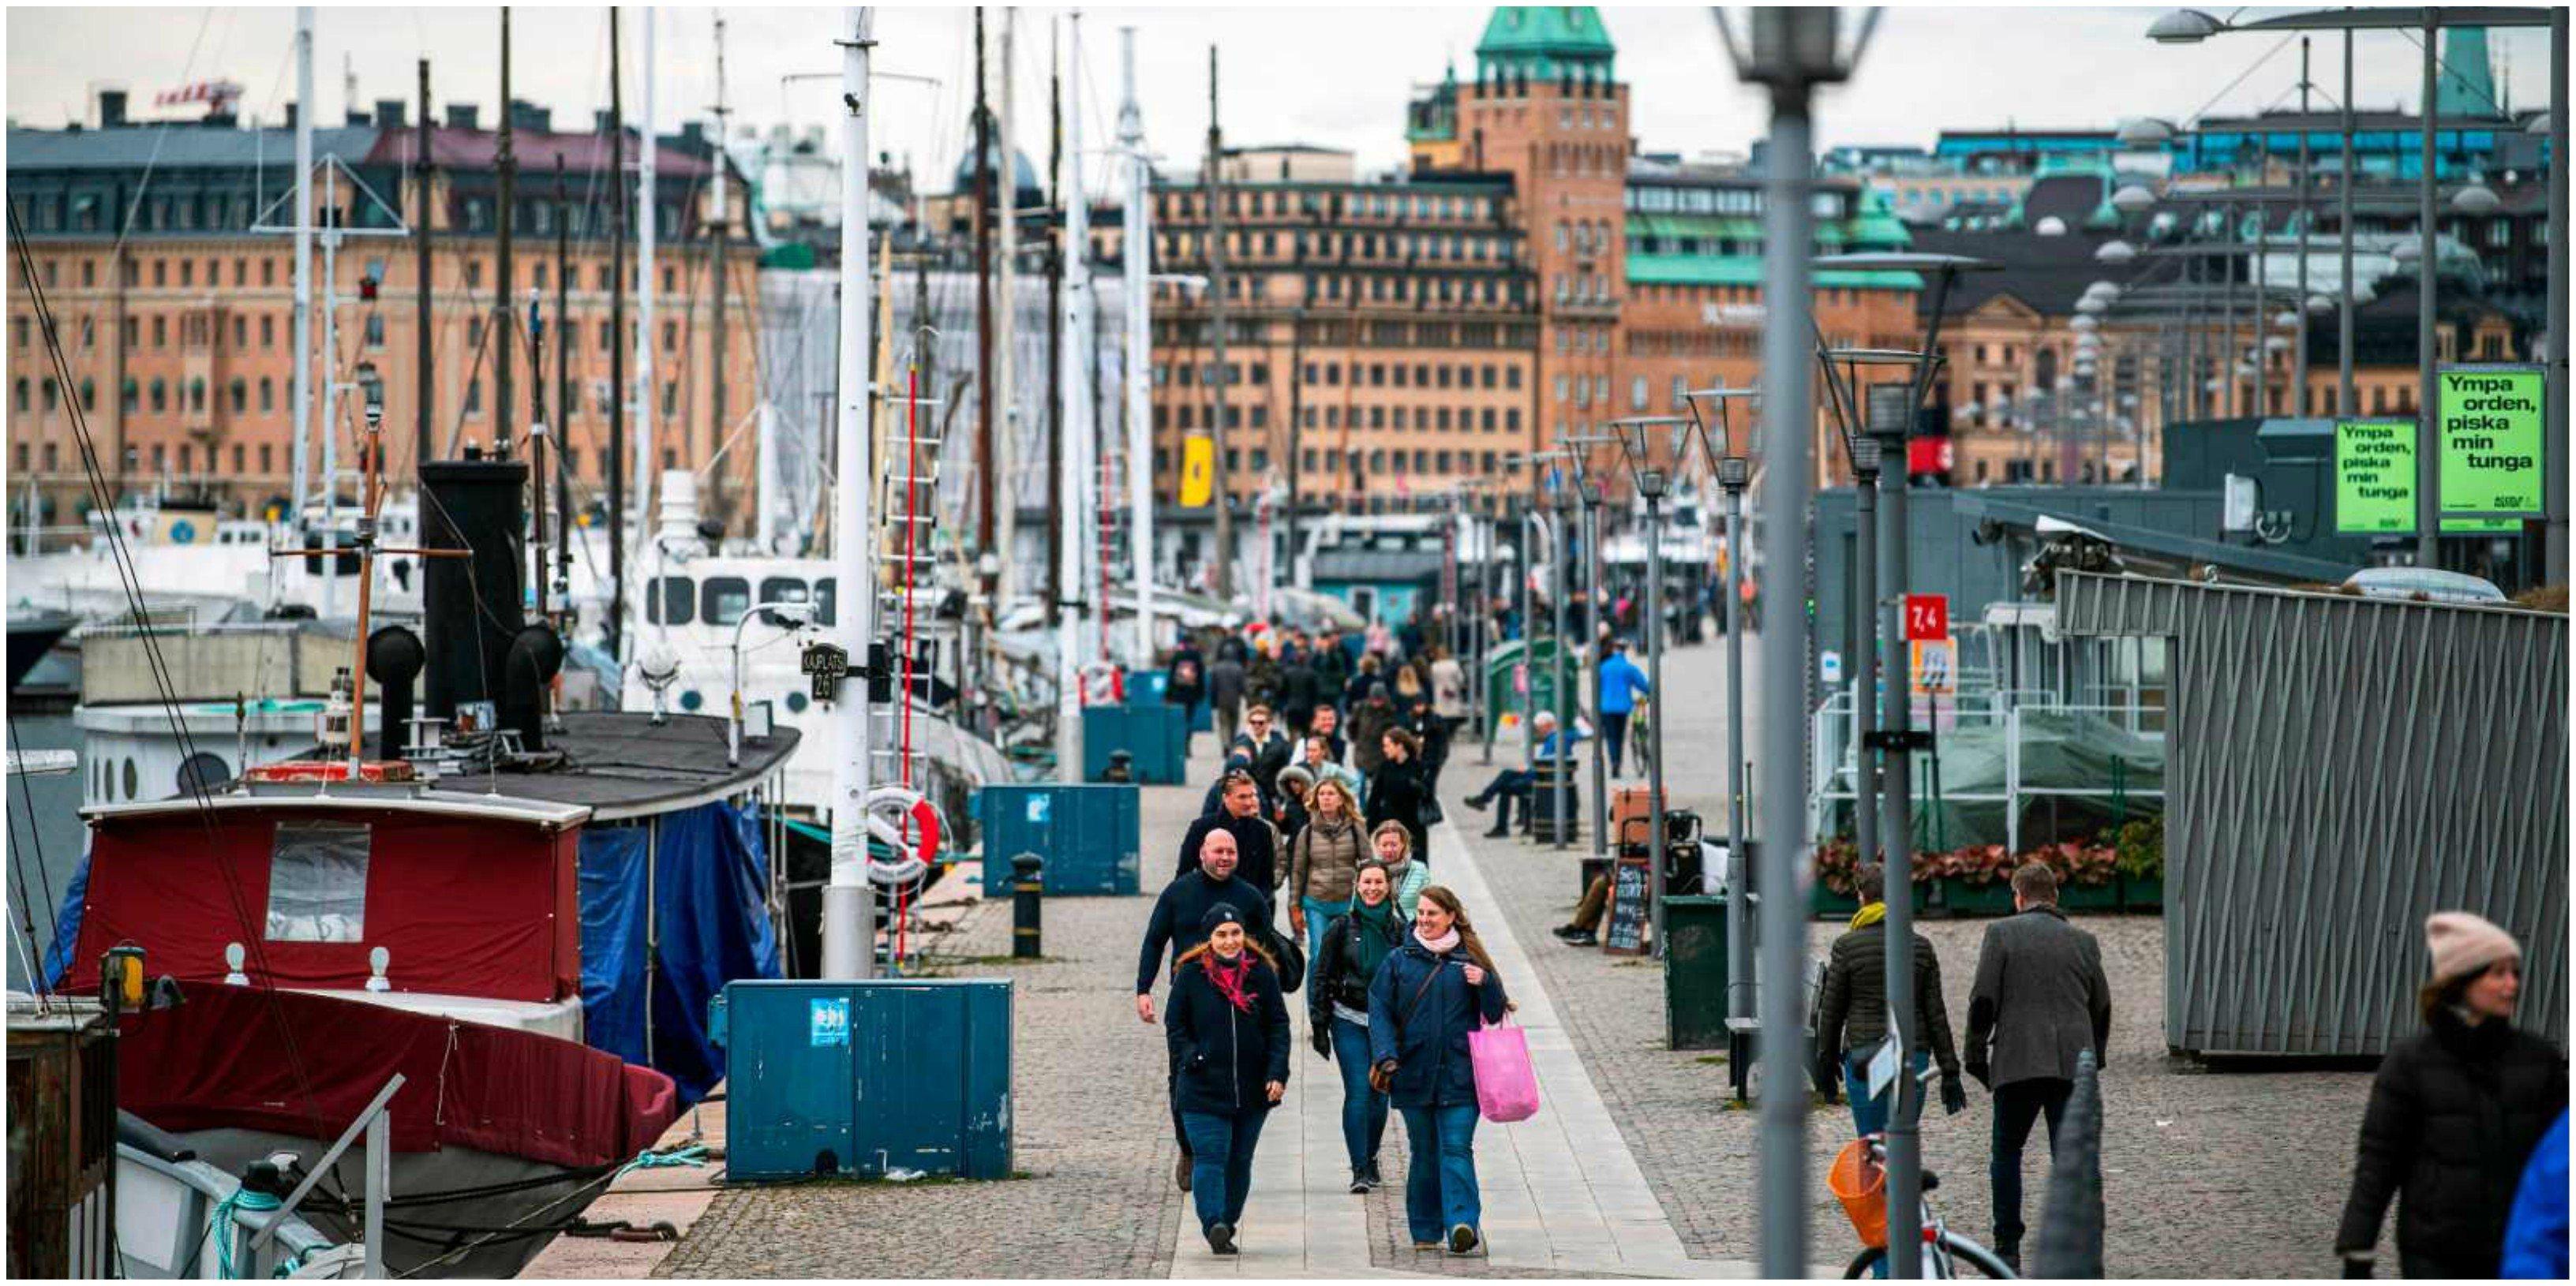 Coronavirus. Suecia no impuso el confinamiento y no le ha ido mal, aunque la cifra relativa de muertos es mayor que la de sus vecinos nórdicos